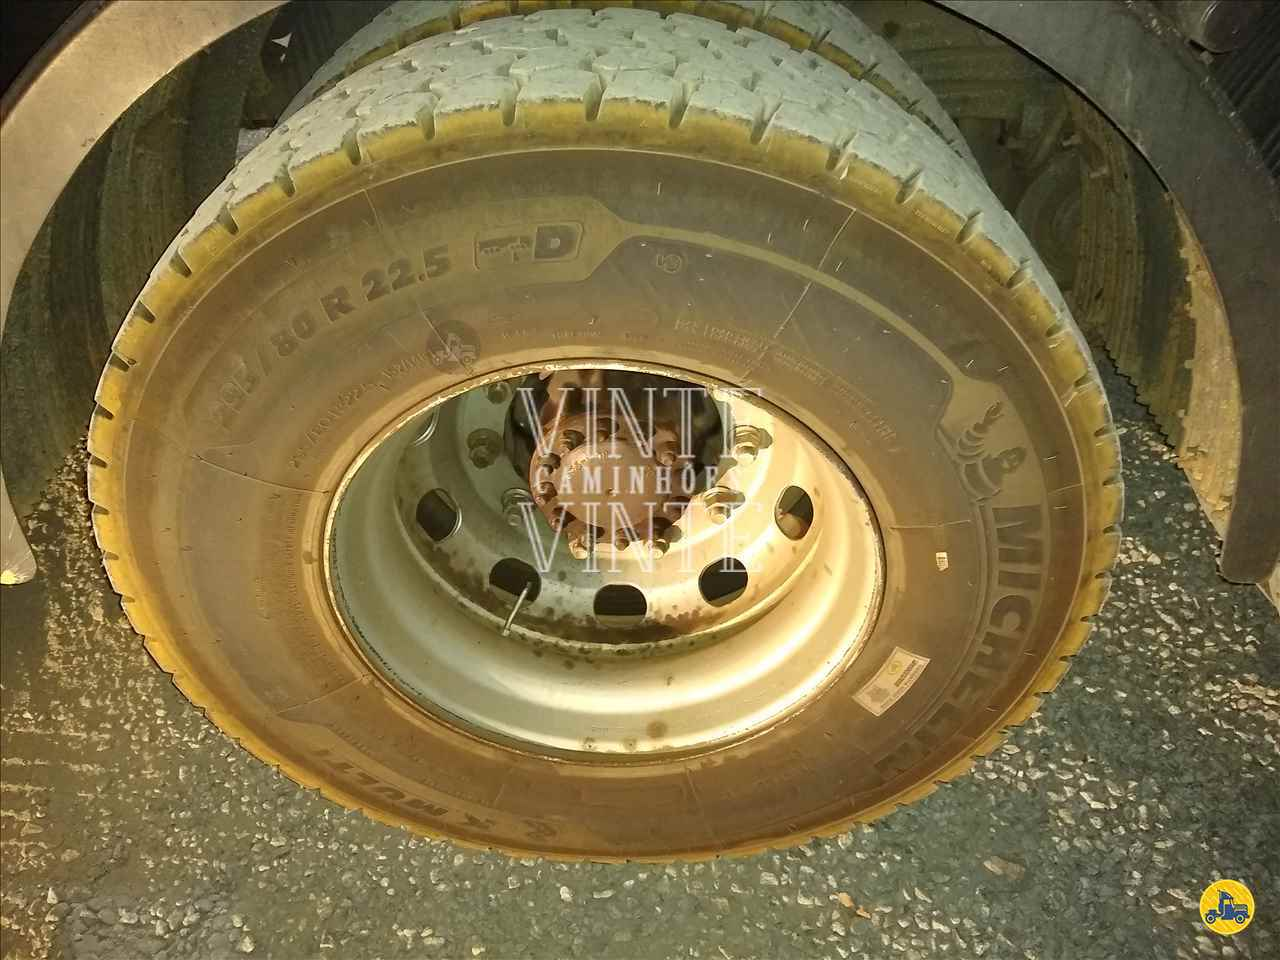 VOLVO VOLVO FH 440 1140000km 2011/2011 Vinte-Vinte Caminhões